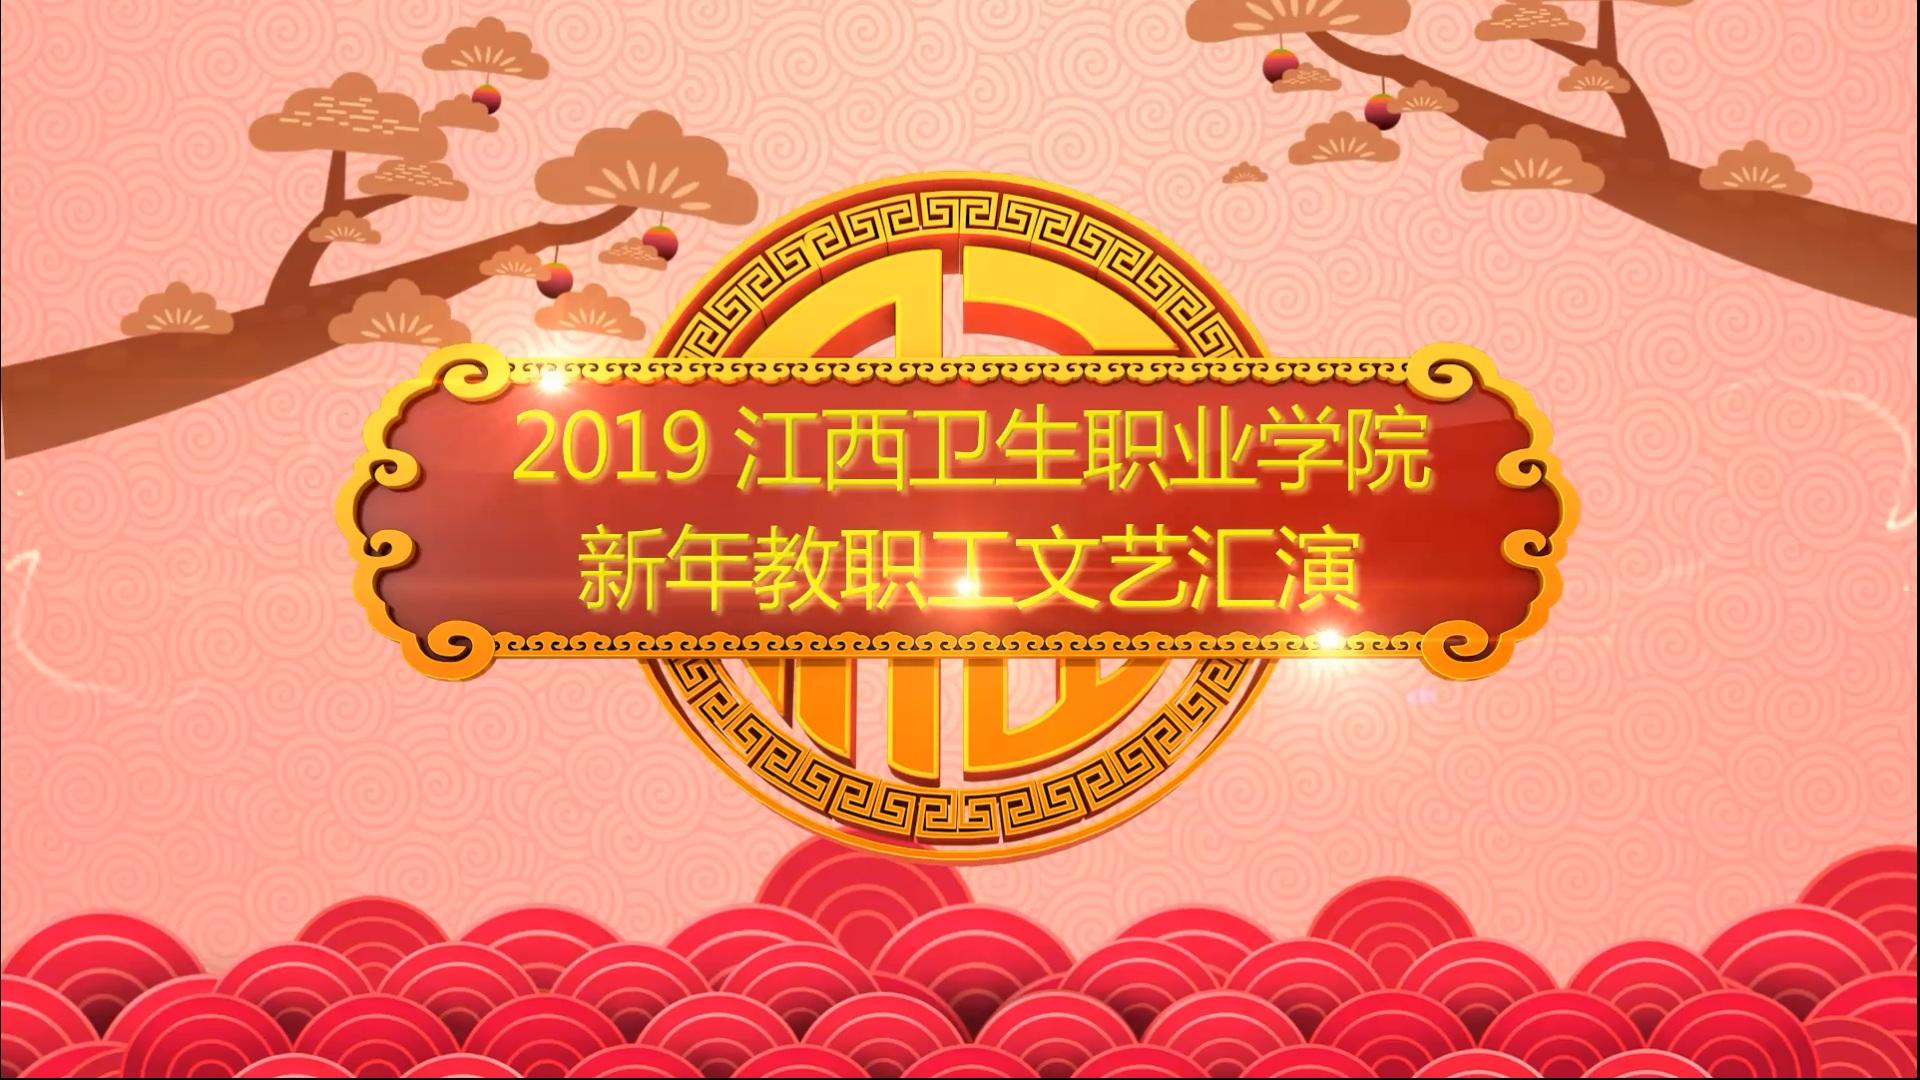 2019年教职工迎新晚会